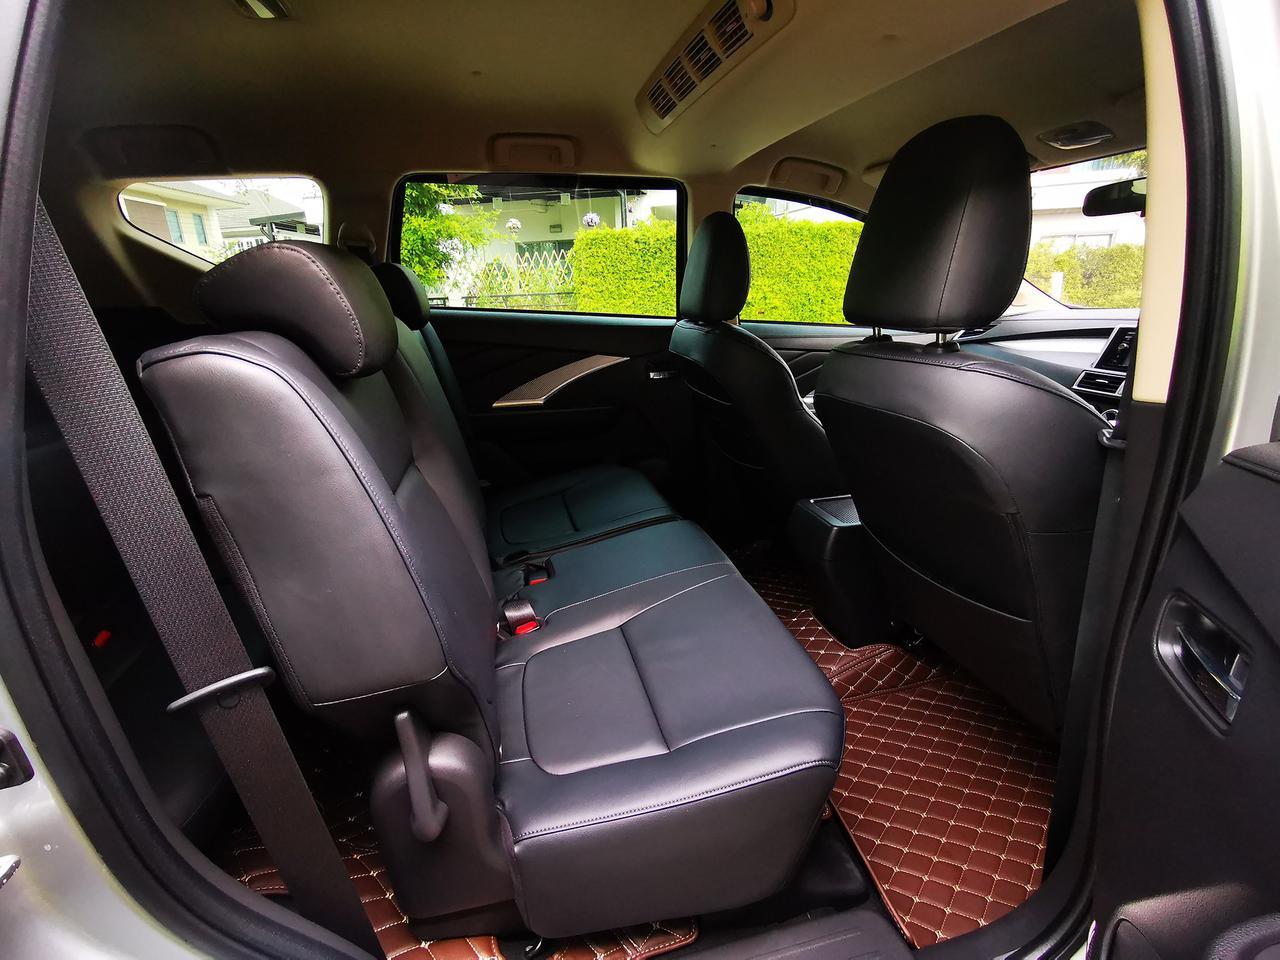 ขาย รถมือสอง สภาพป้ายแดง Mitsubishi Xpander รุ่นท๊อปสุด ไมล์แท้ 10,000 กม. เข้าศูนย์ตลอด รูปที่ 5